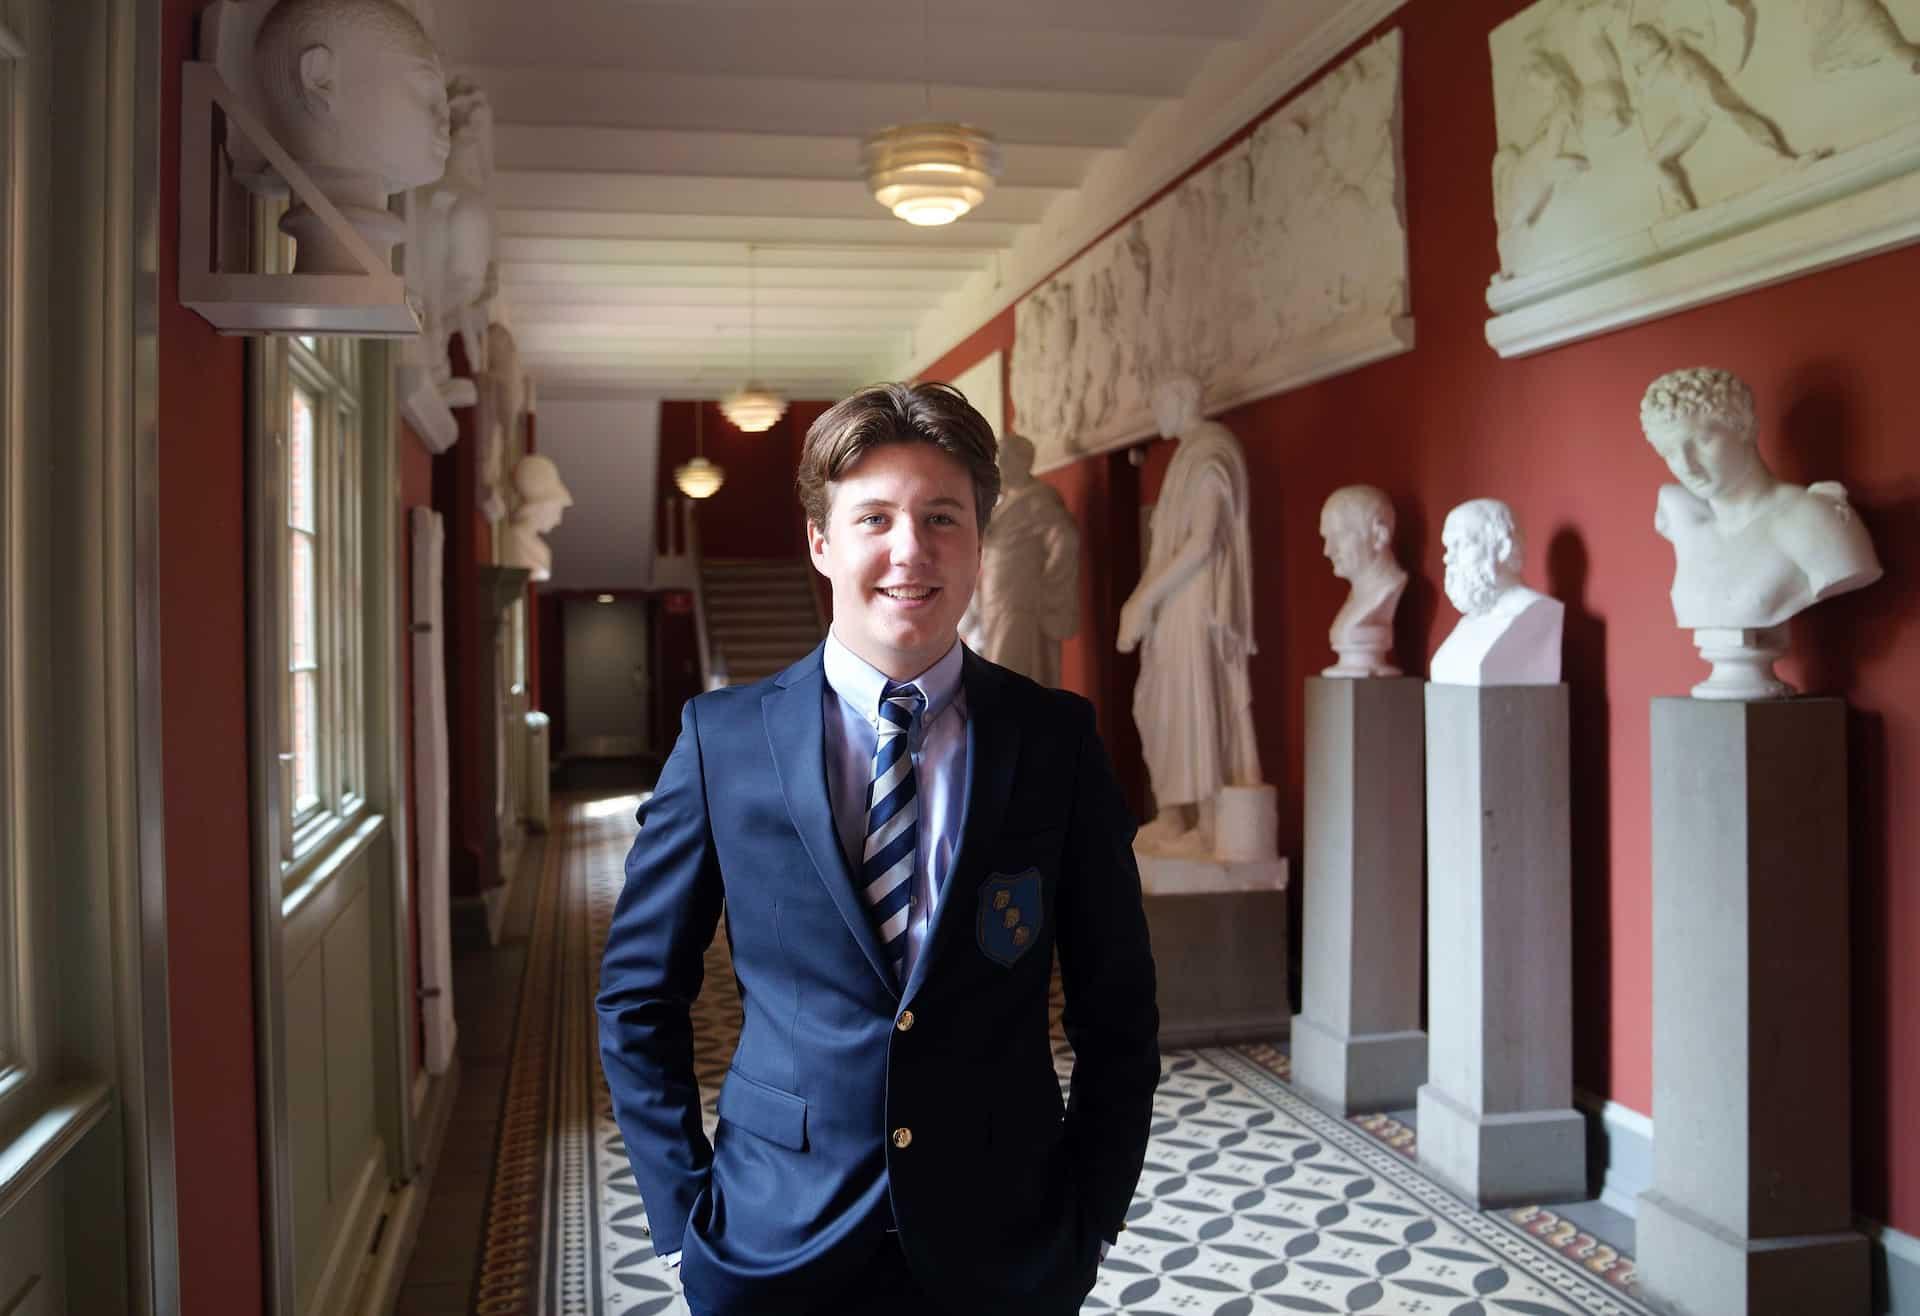 Prinz Christian von Dänemark: Das erwartet ihn im Internat